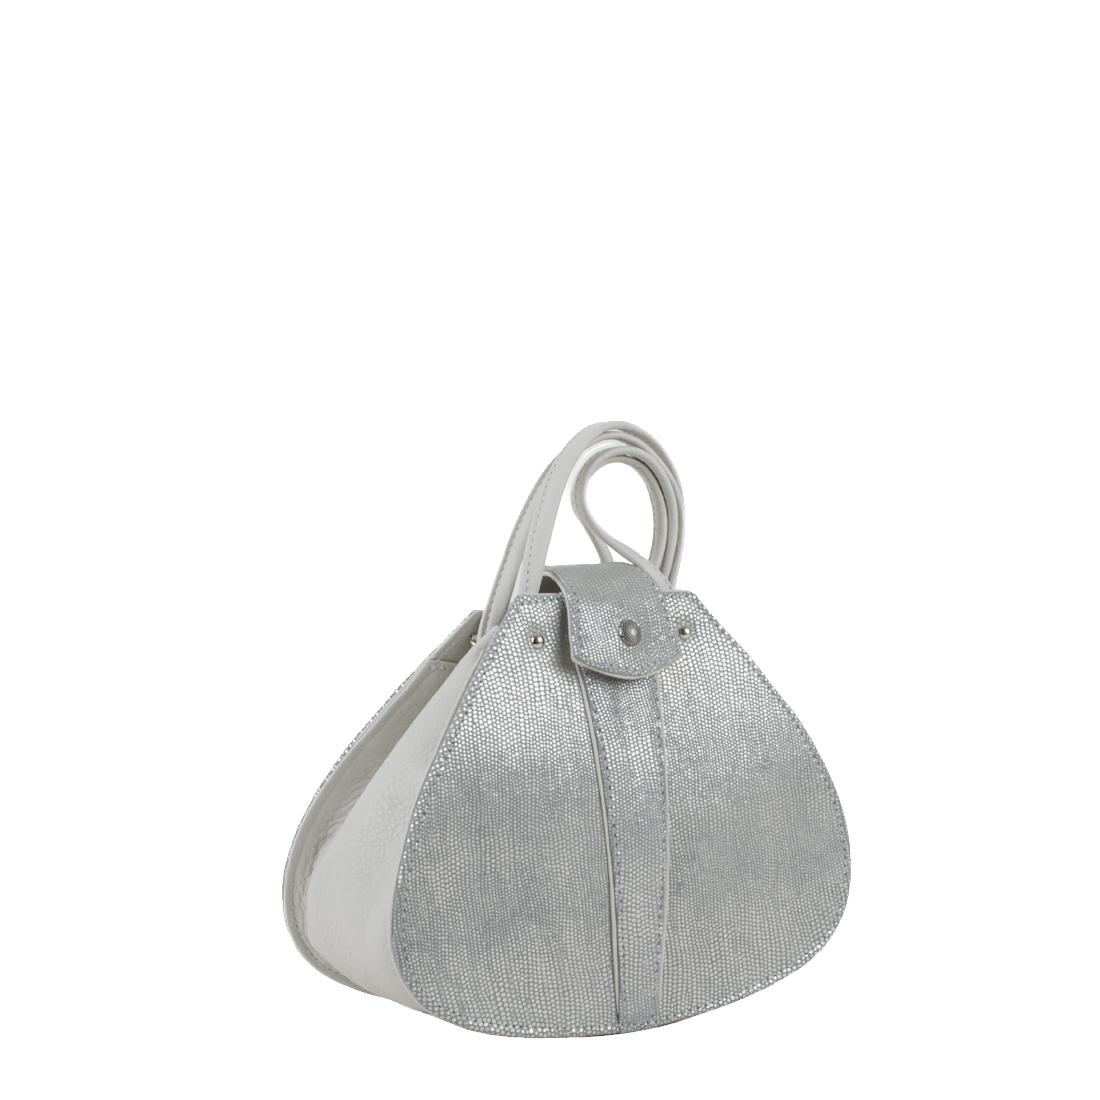 Vintage Silver Eel Print Leather Shoulder Bag